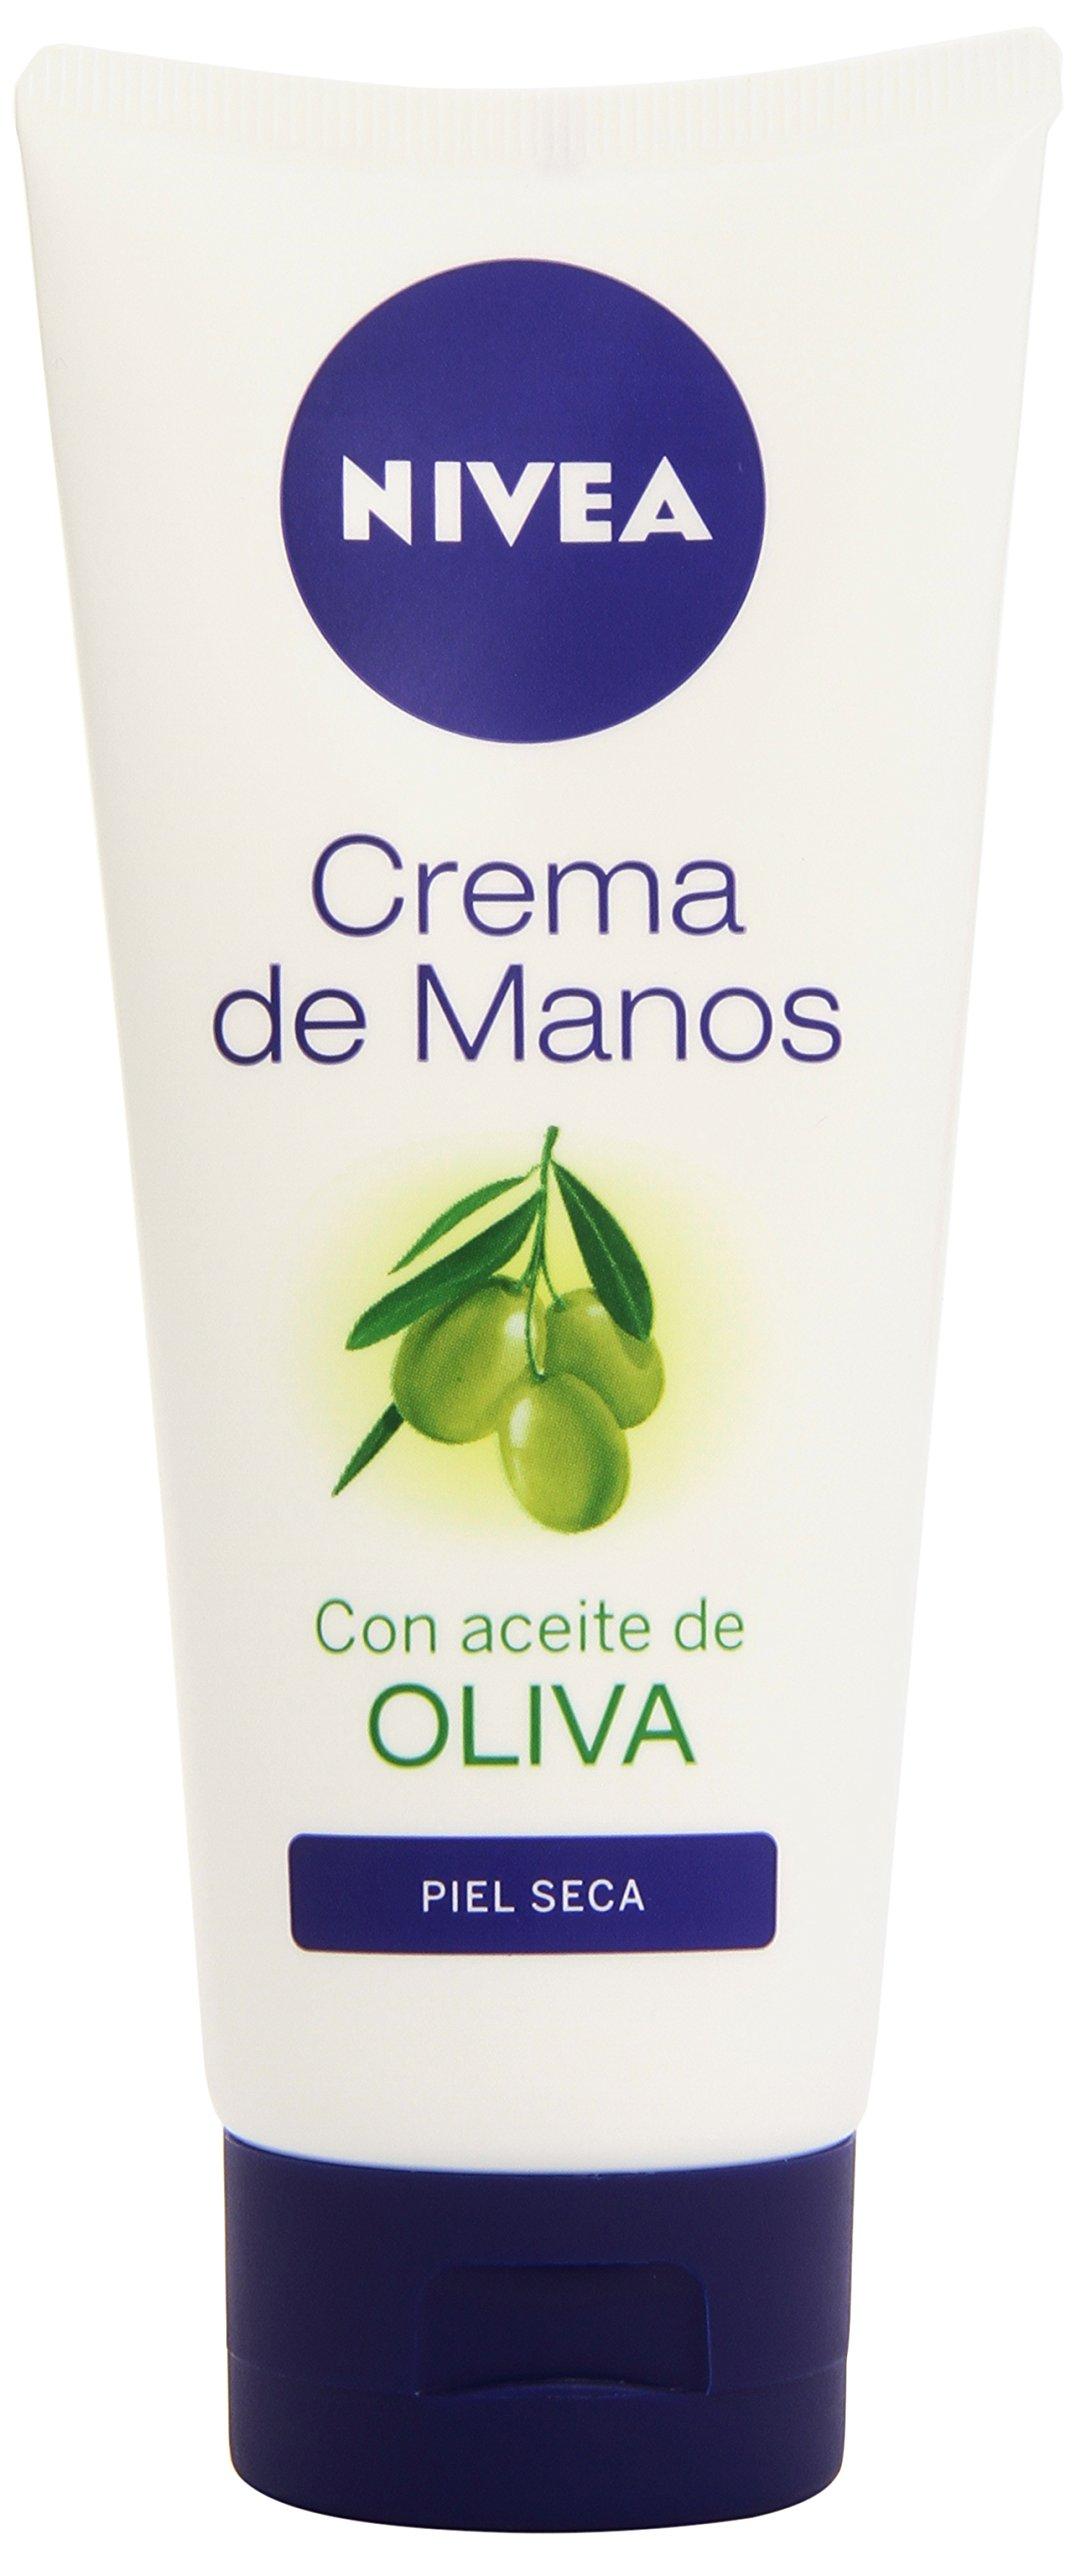 Nivea Crema de Manos Aceite de Oliva – 100 ml